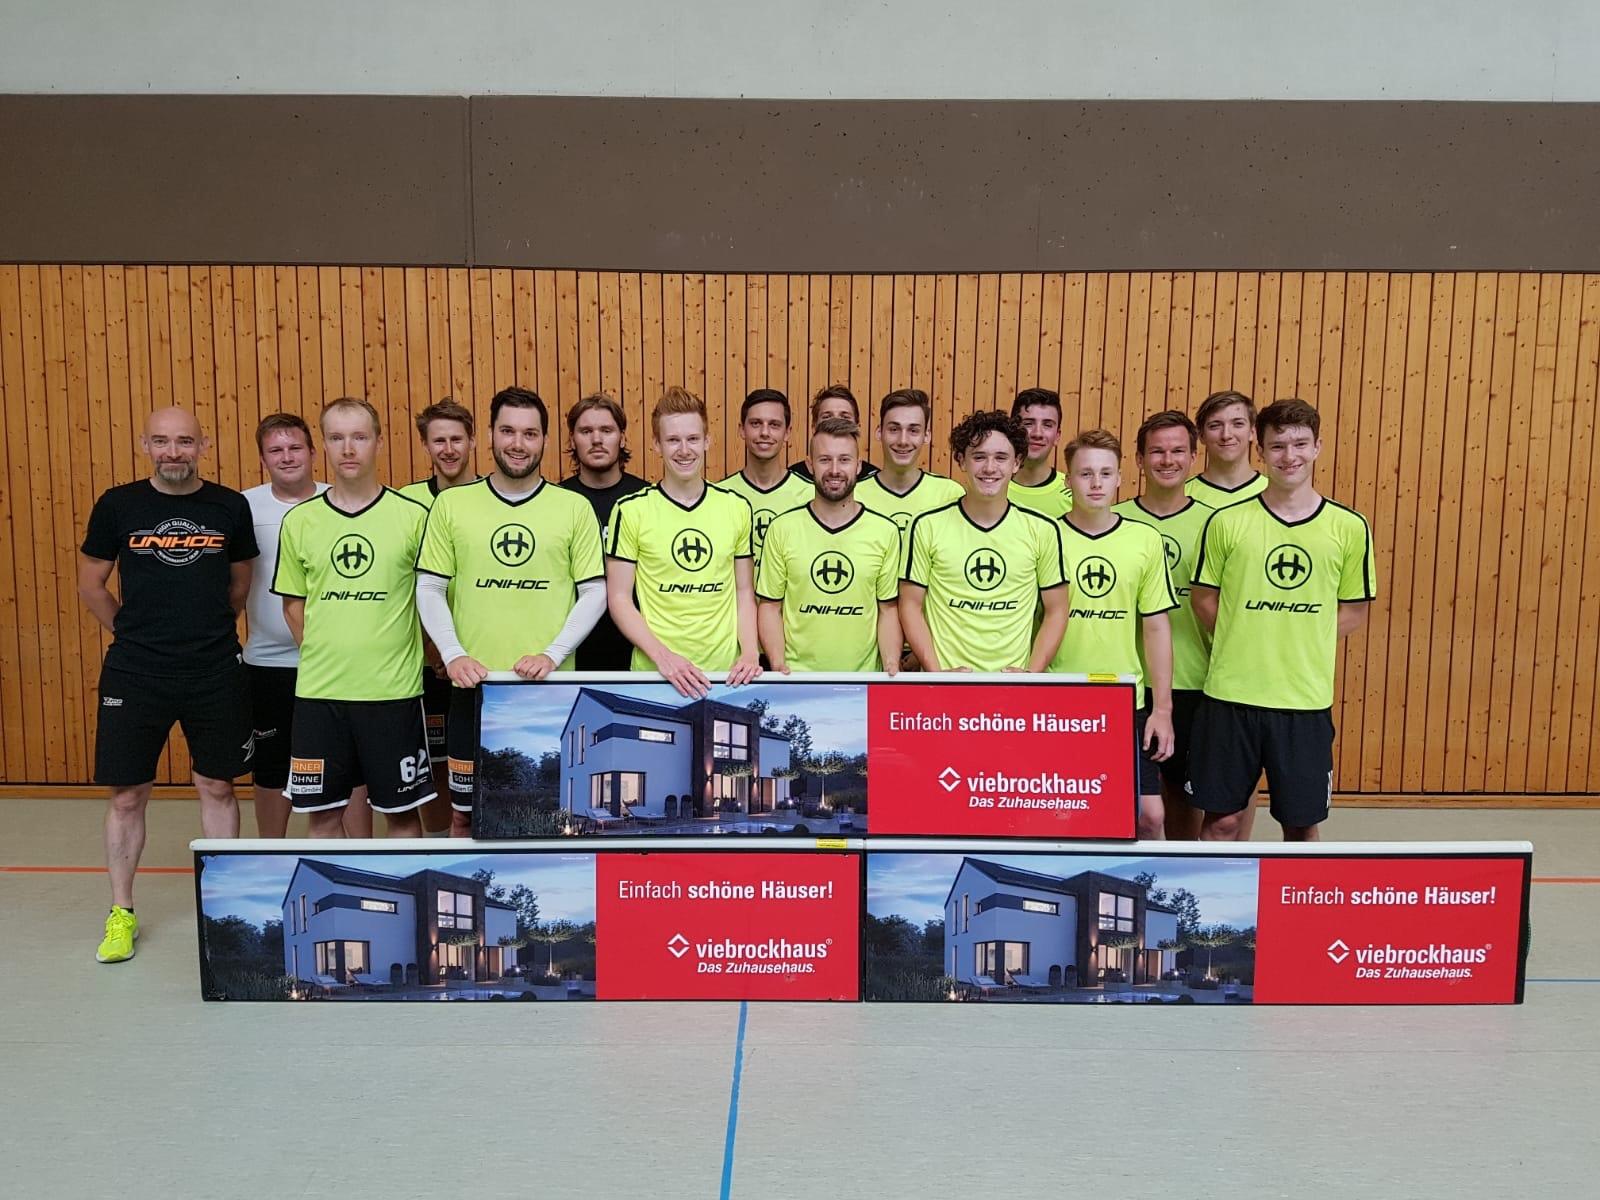 Viebrockhaus Kaarst Neuer Sponsor Djk Holzbüttgen Floorball